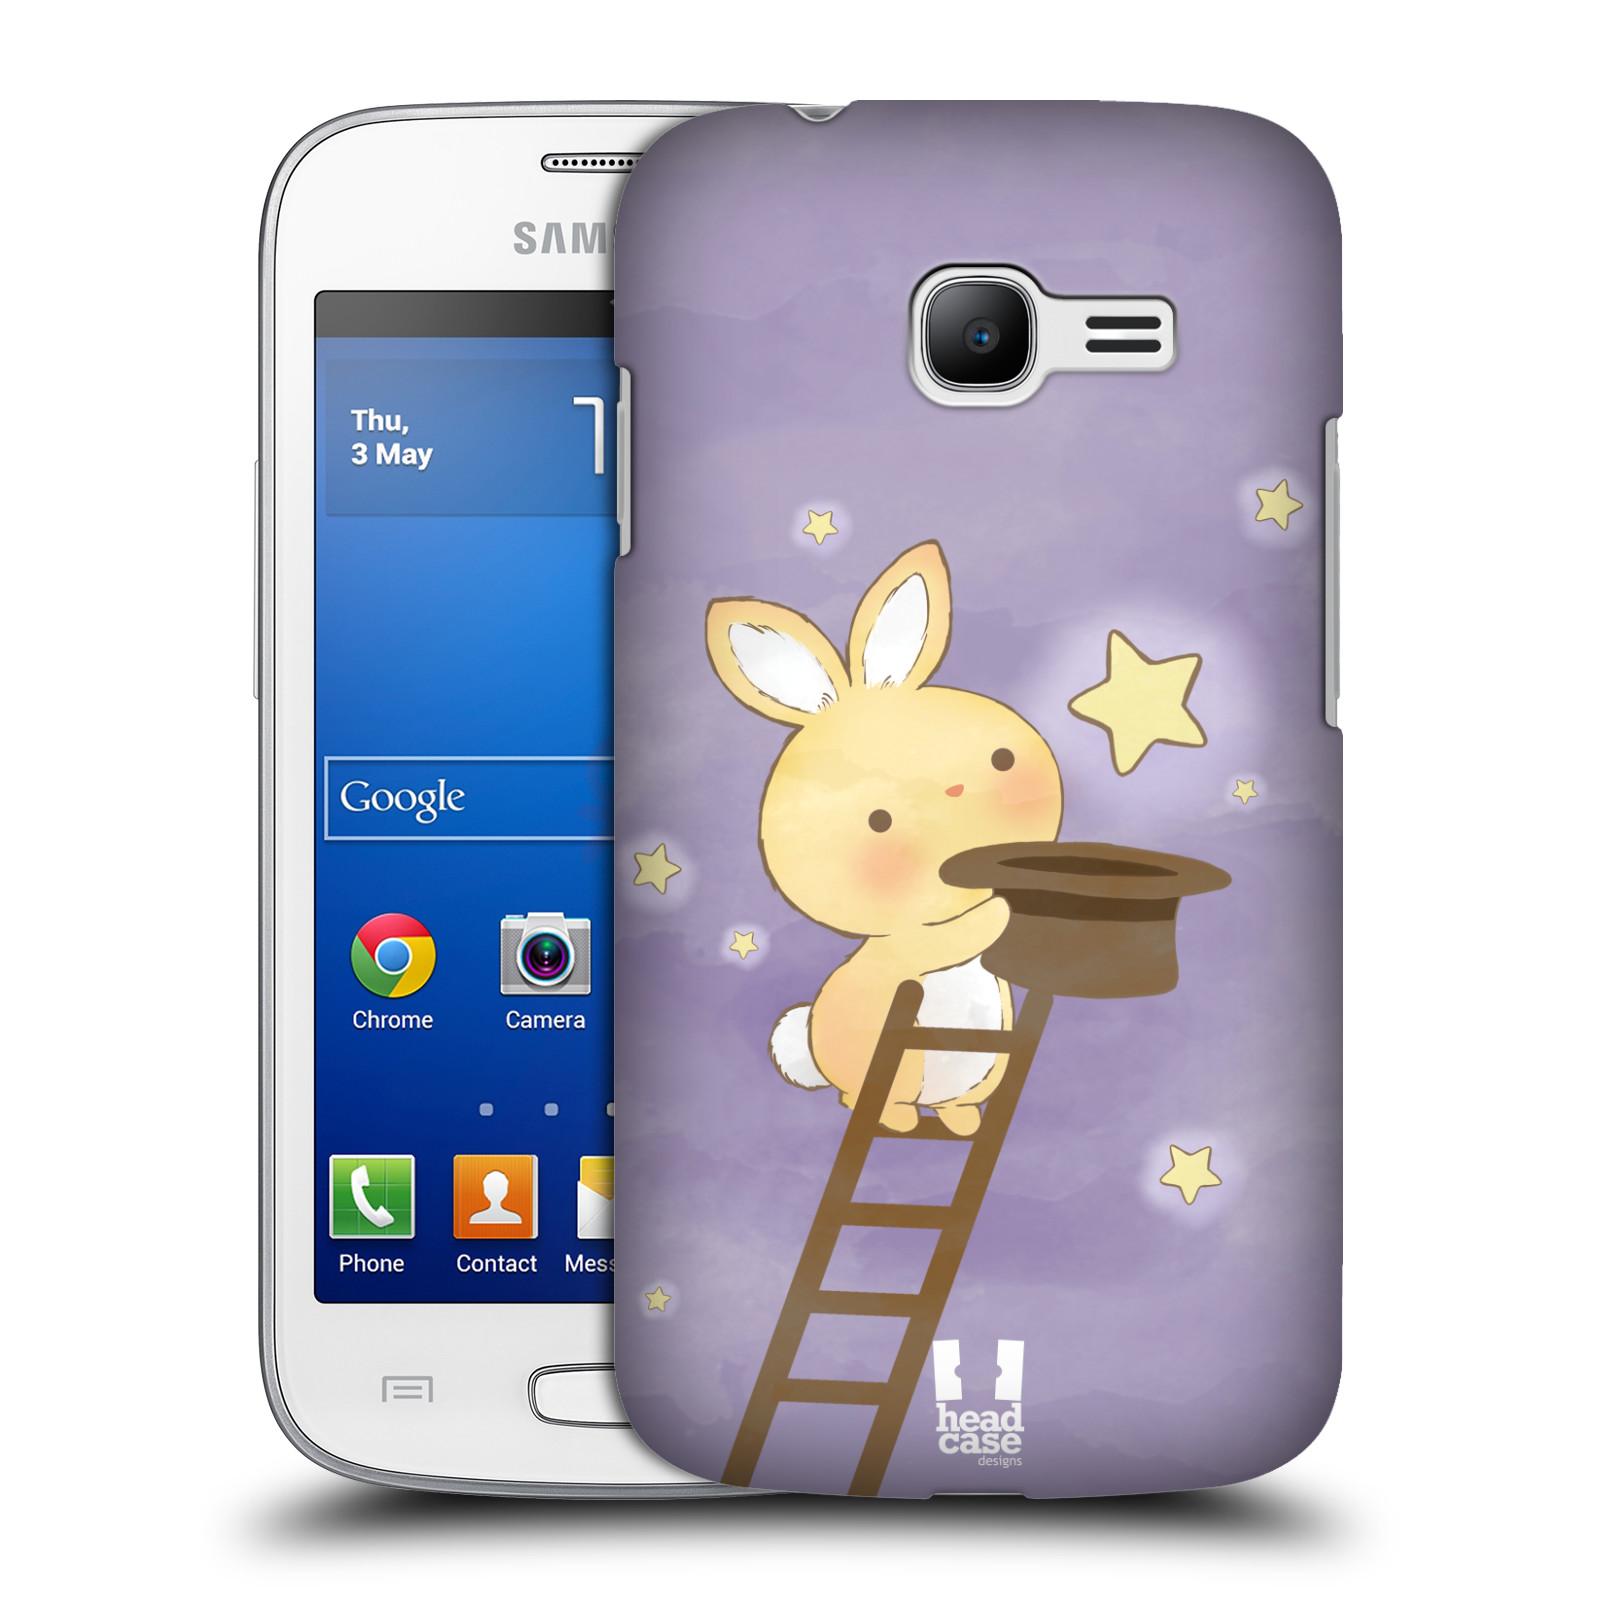 HEAD CASE plastový obal na mobil SAMSUNG GALAXY Star Pro S7260/S7262 DUOS vzor králíček a hvězdy fialová